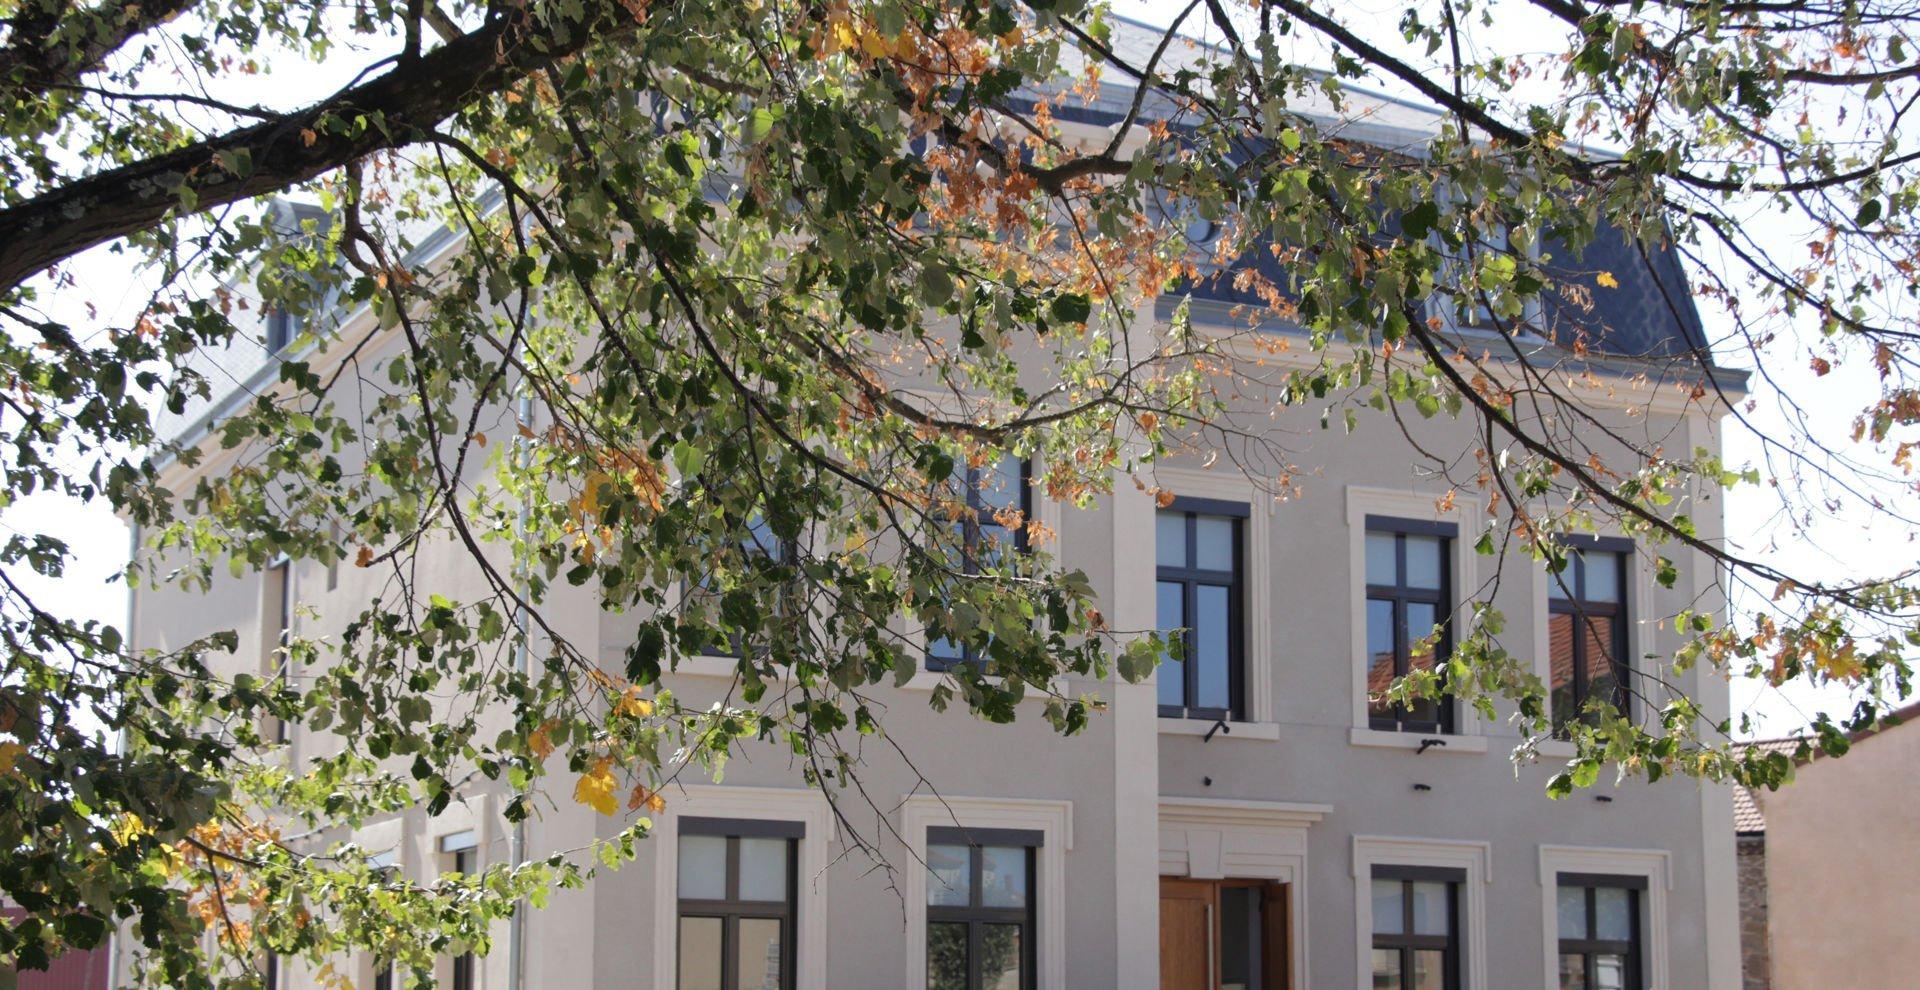 Inauguration du projet de réhabilitation de la Mairie de Vernoux-en-Vivarais (Ardèche – 07) ce samedi 21 septembre